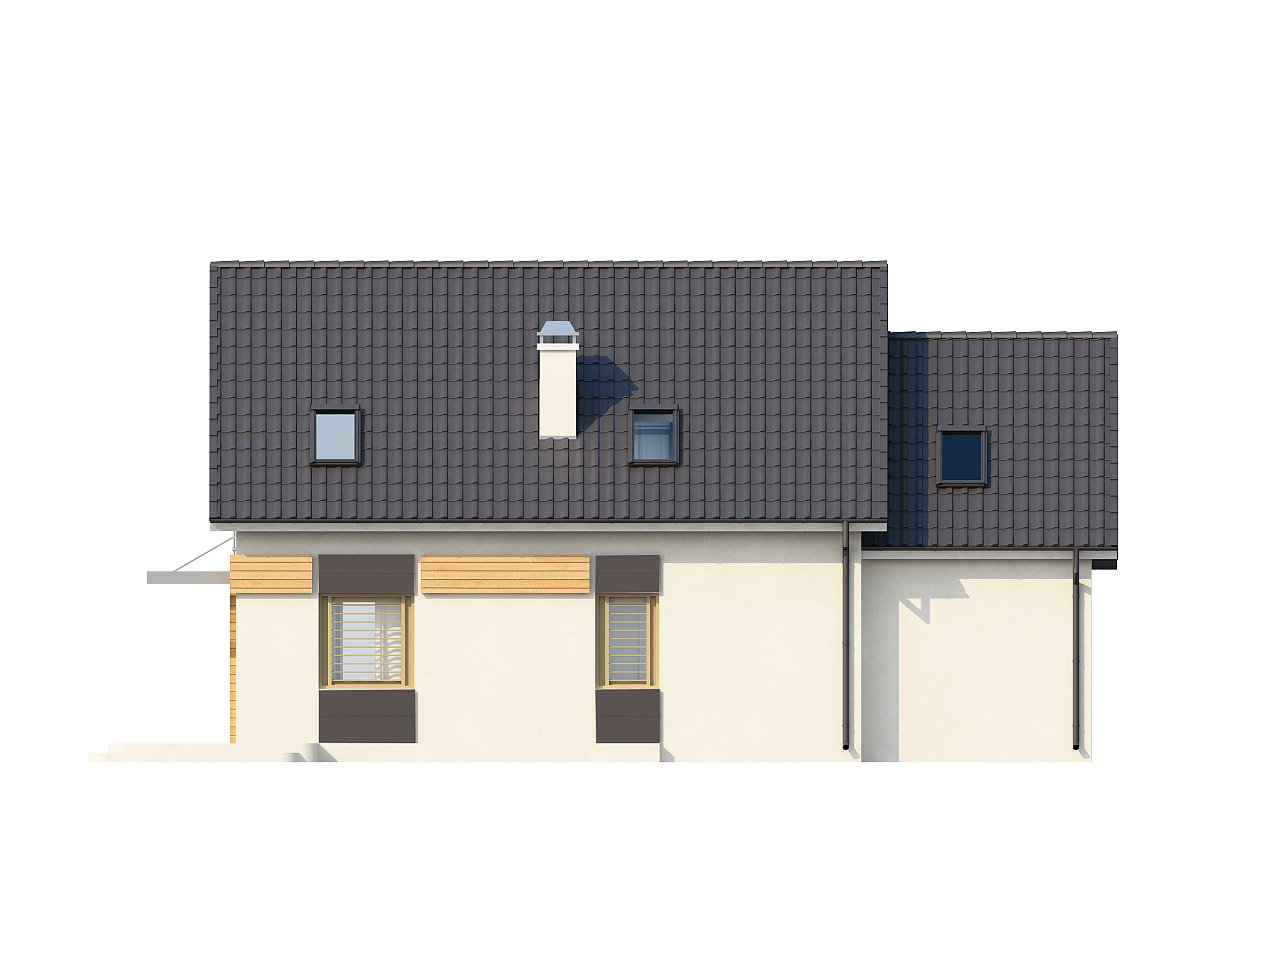 Проект дома с гаражом, с возможностью его использования в качестве двухсемейного. 4